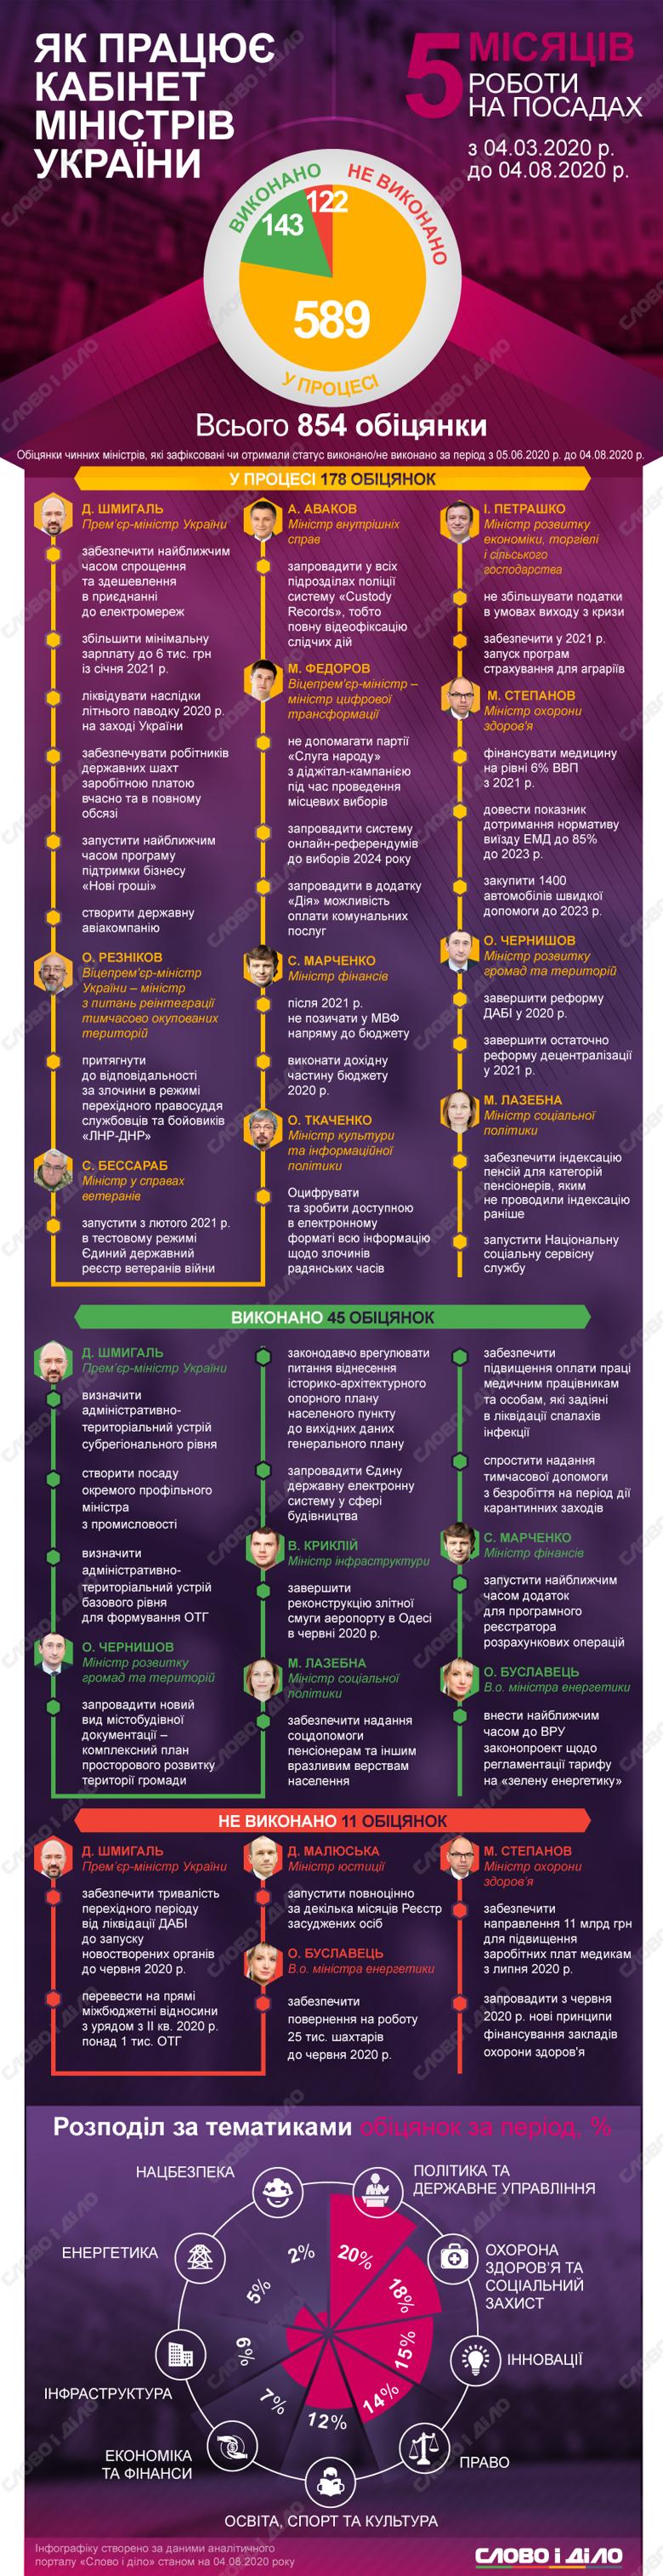 Члени Кабміну Дениса Шмигаля за час роботи дали 589 обіцянок, з них виконали 143 і 122 – провалили.